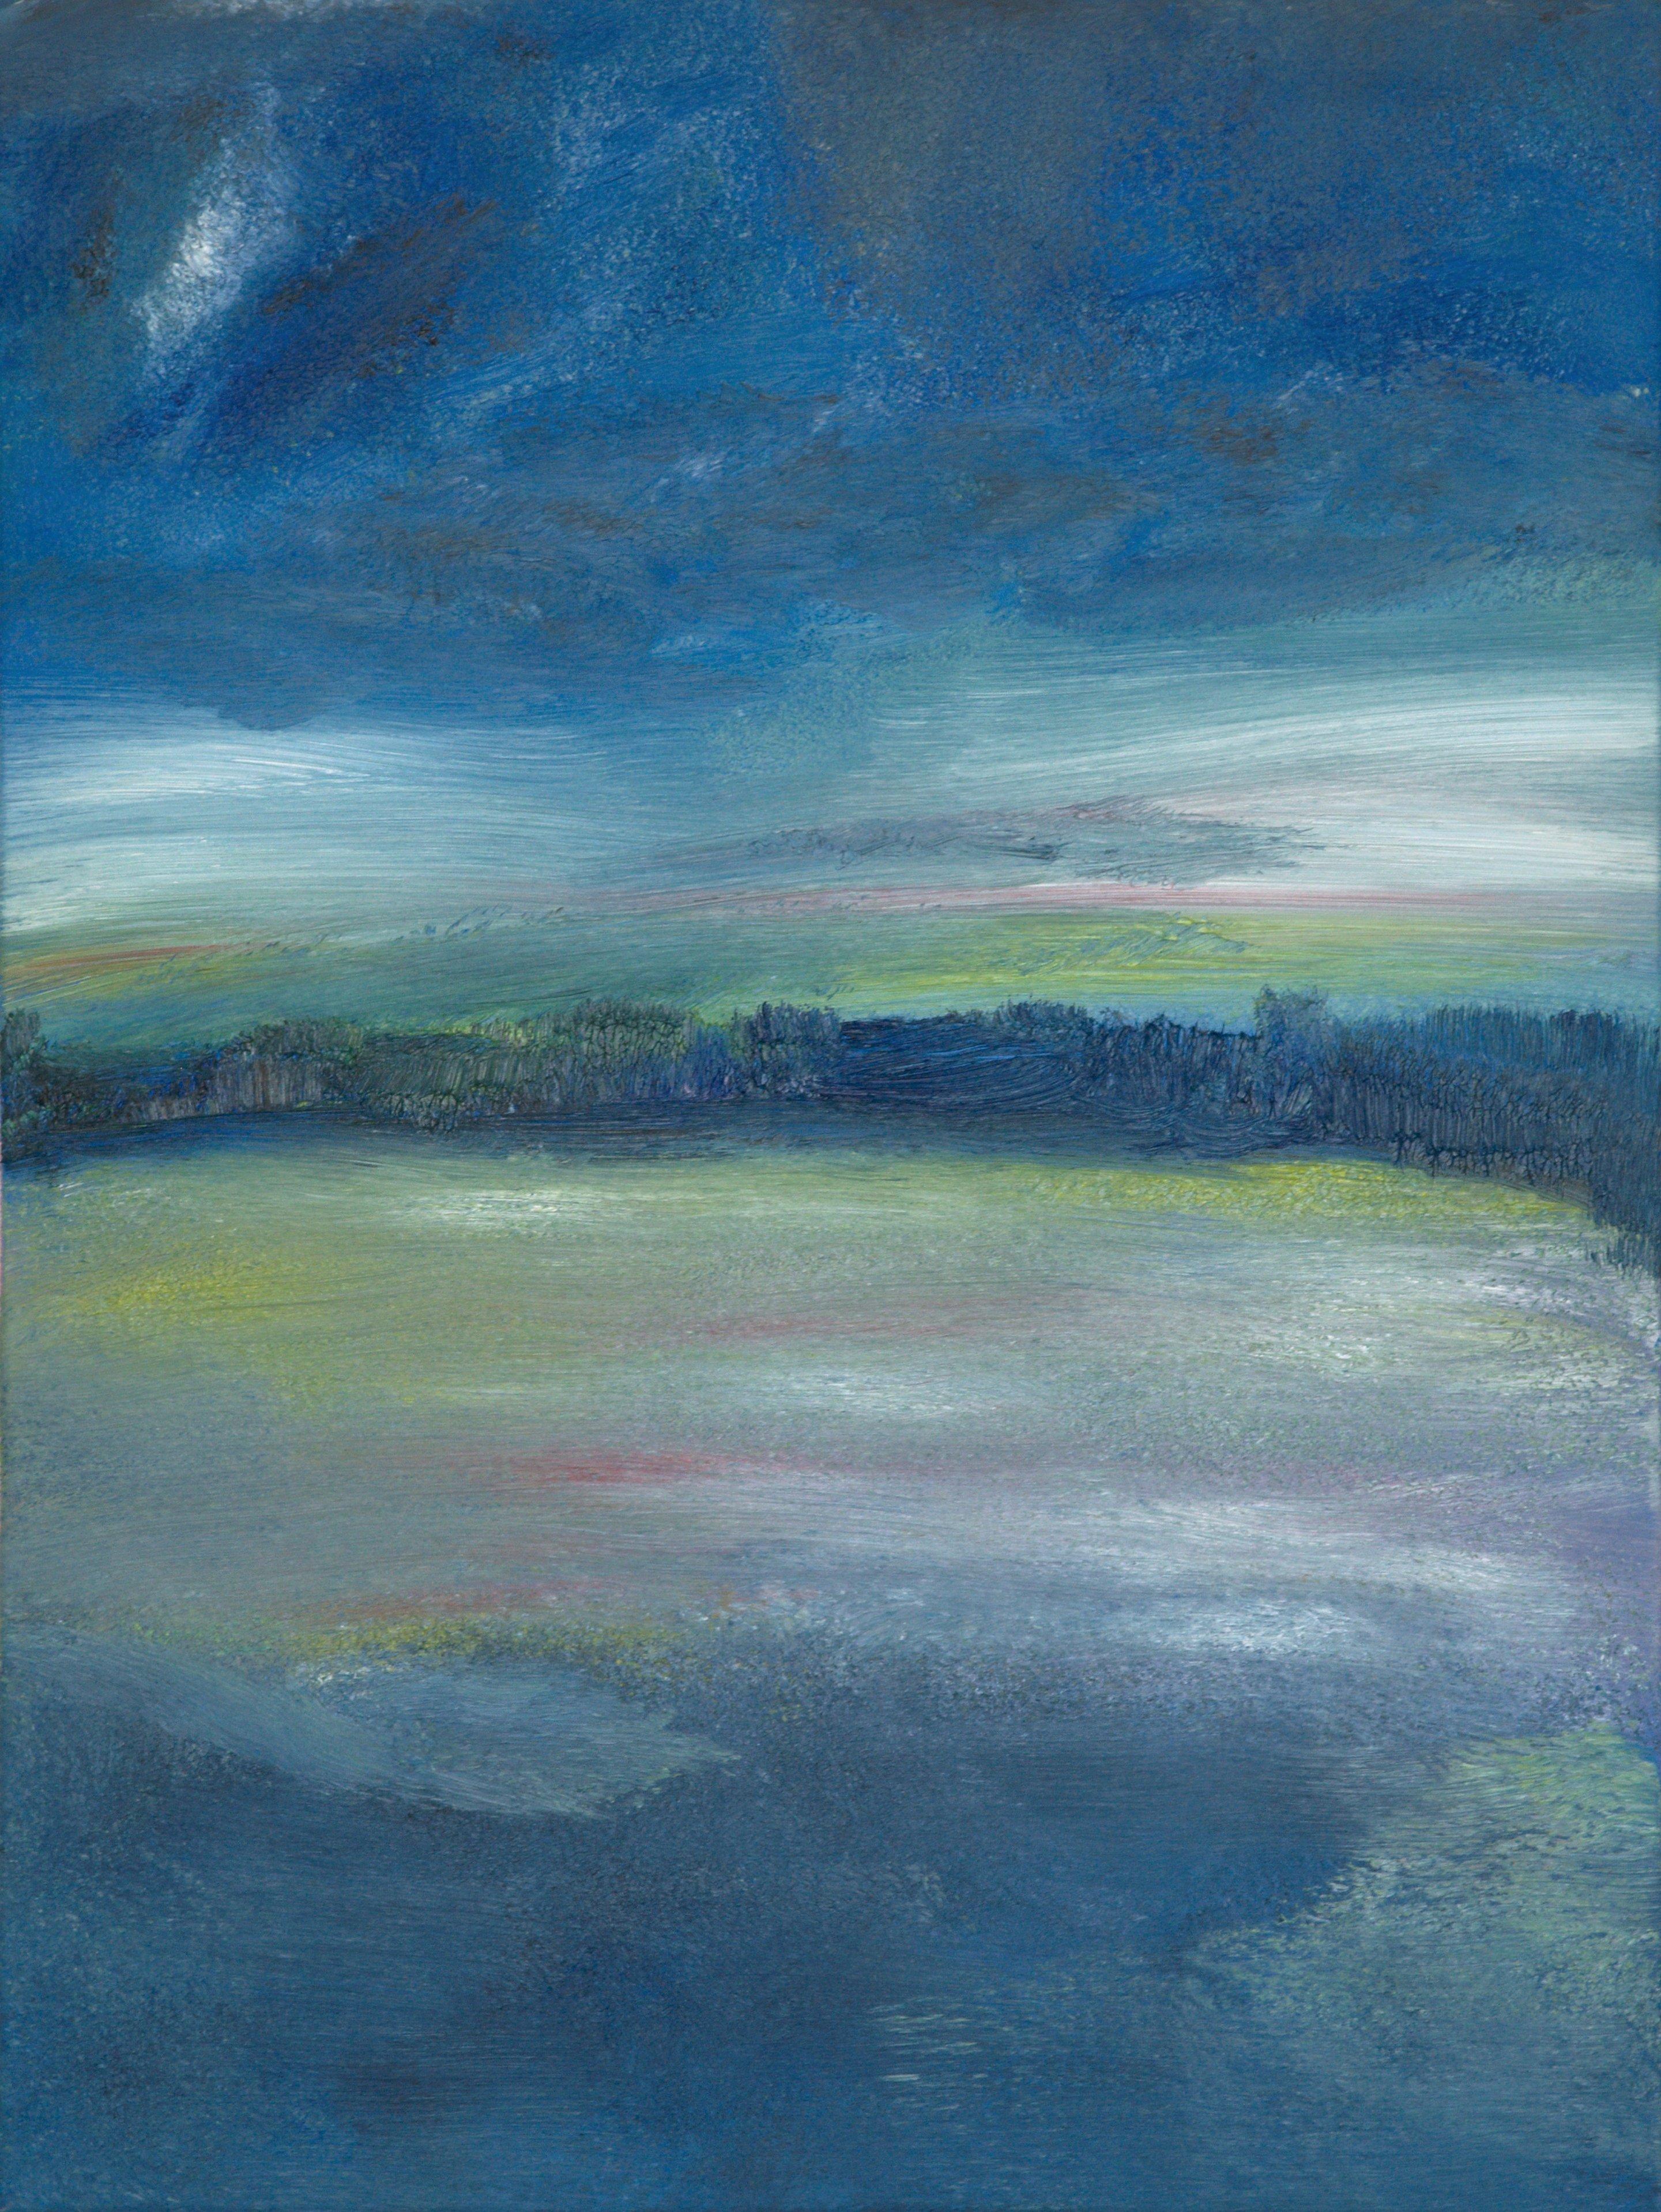 Marij Aarntzen, Schemering, olie op doek, 80 x 60 cm, 2012